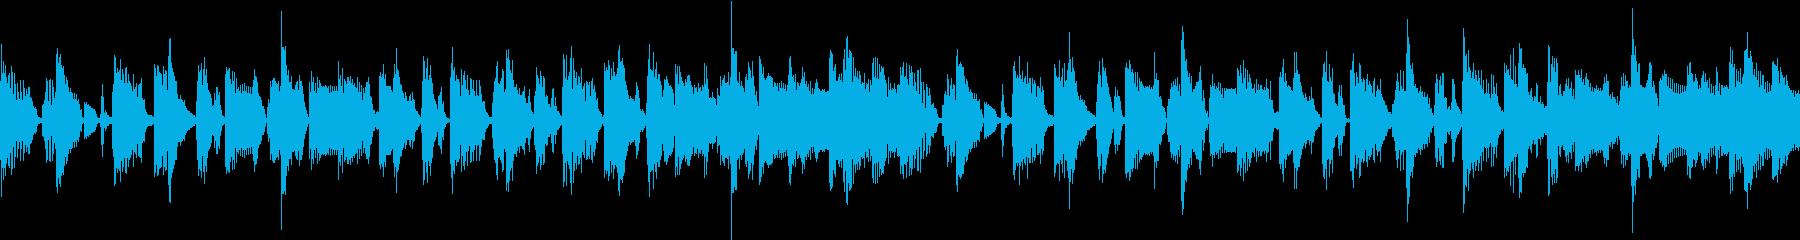 ポップなダンスBGM【ループ対応】の再生済みの波形